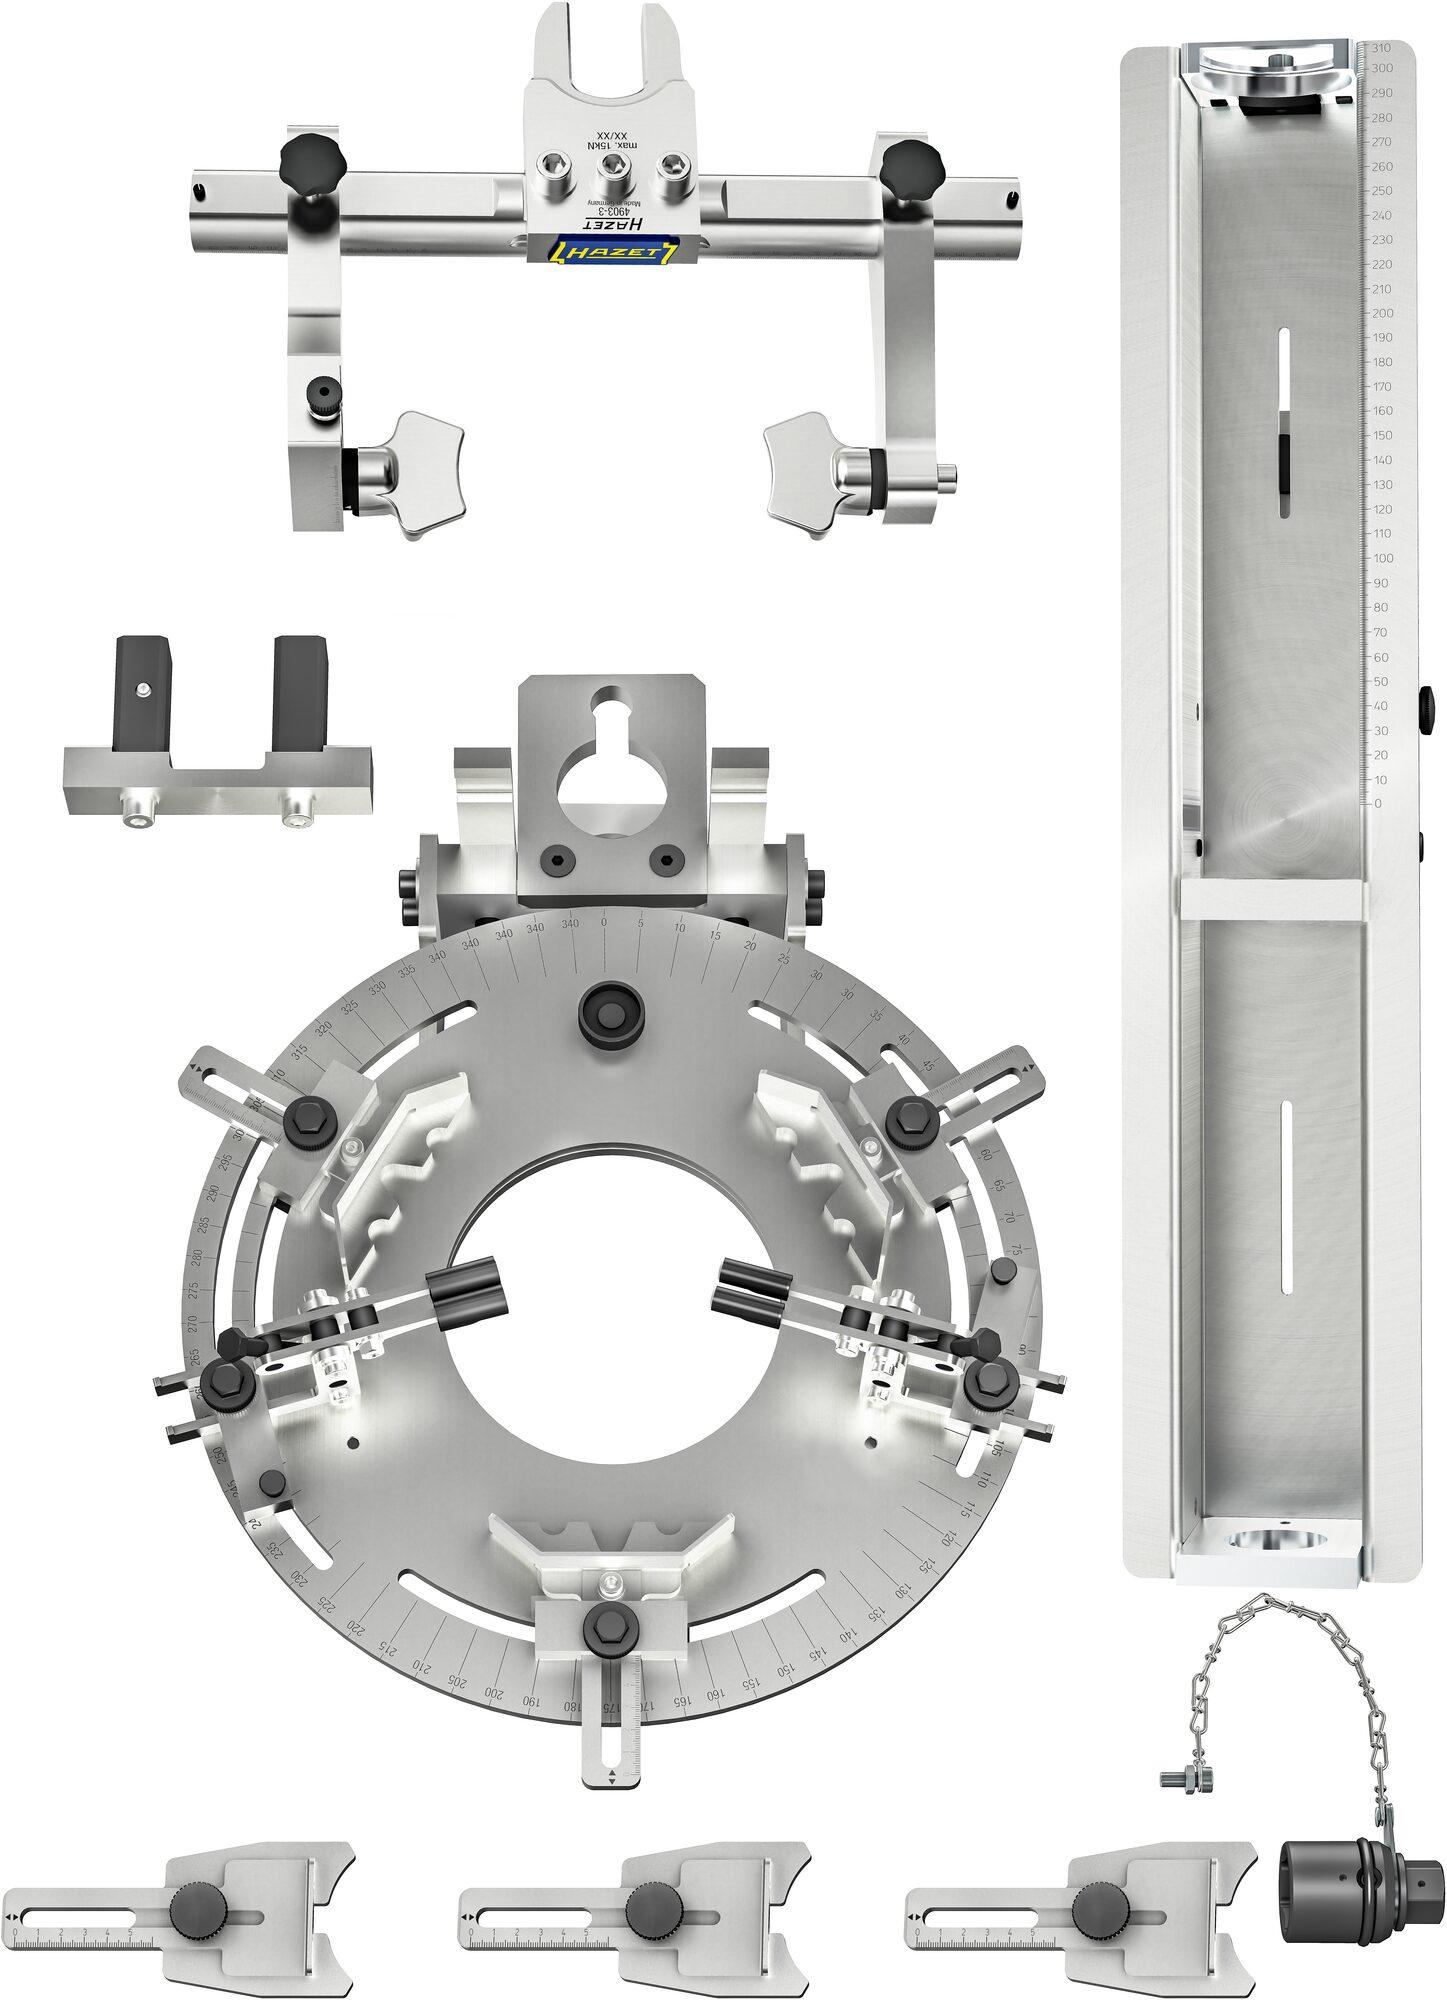 HAZET Stationärer Universal Federspanner ∙ 3-teilig 4903/3 ∙ Anzahl Werkzeuge: 3